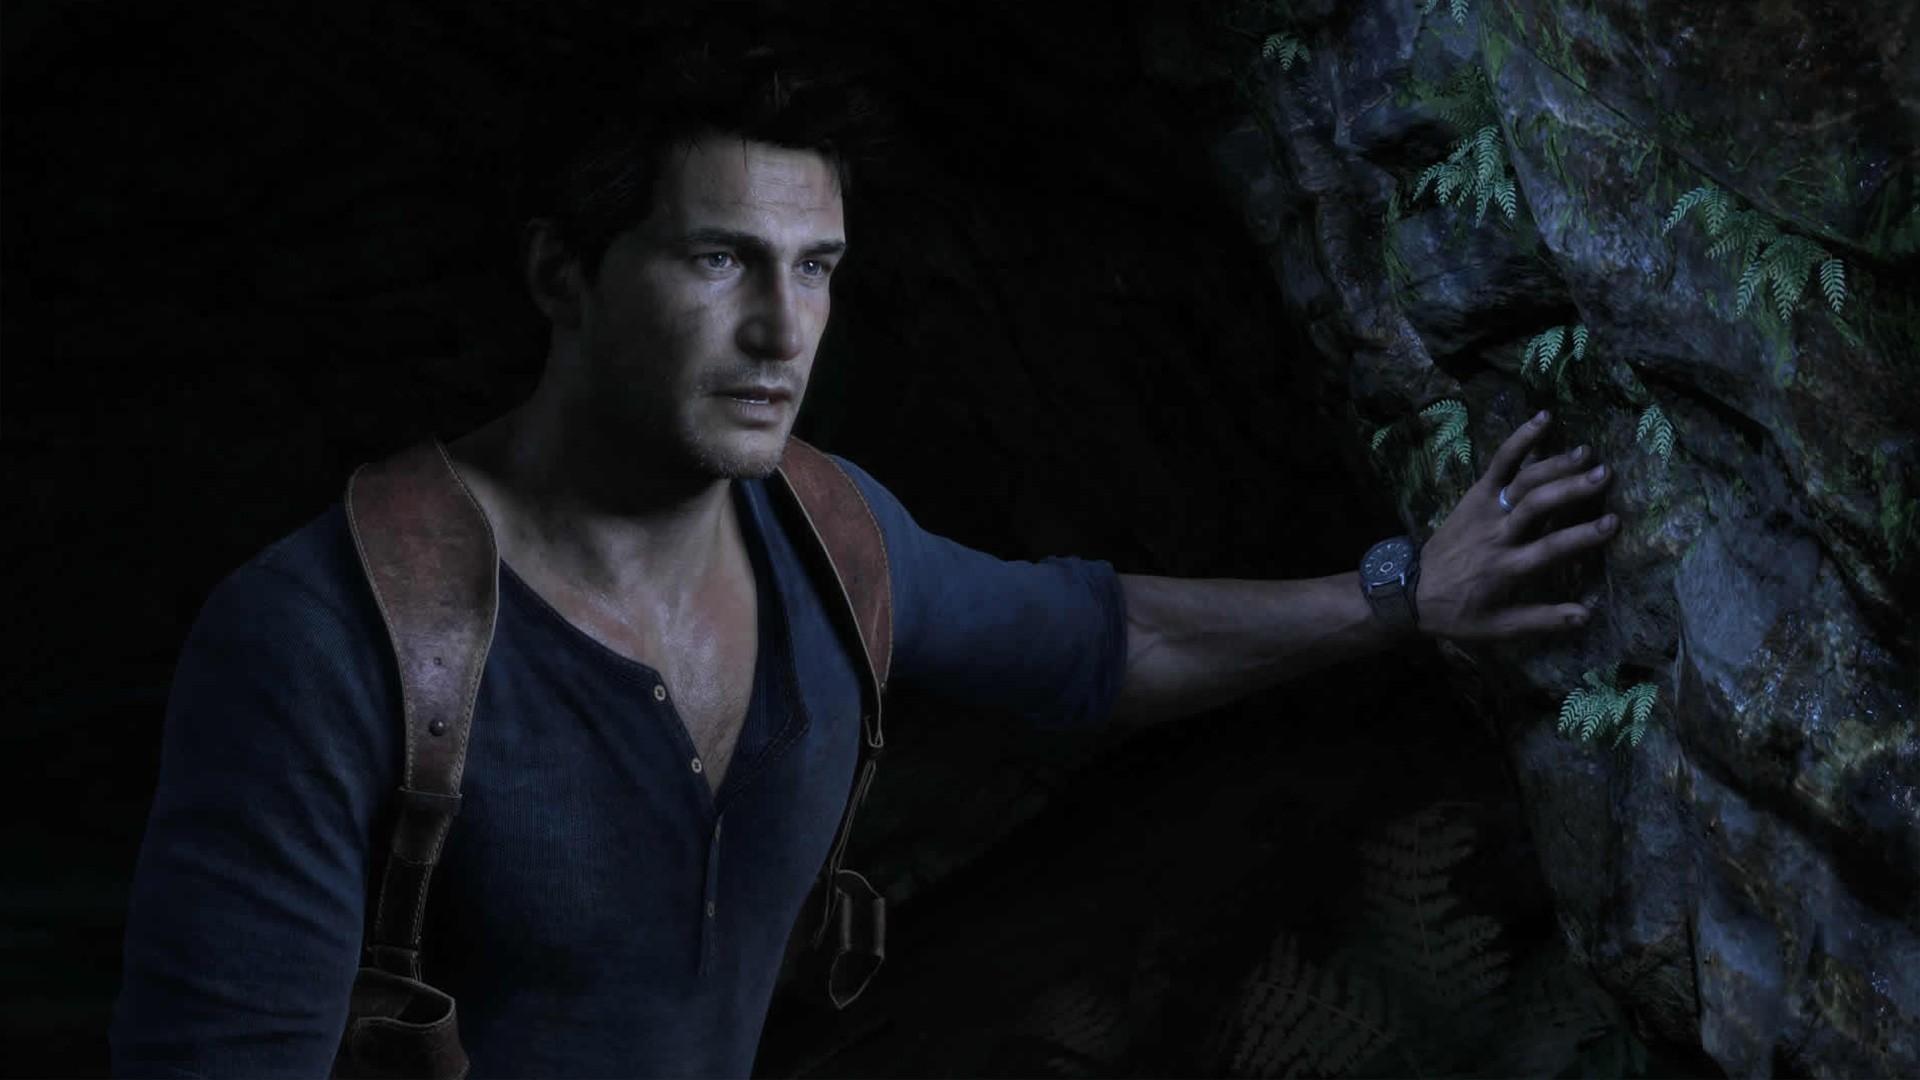 ناتان فیلیون خبر از معرفی چیزی مرتبط با سری Uncharted میدهد